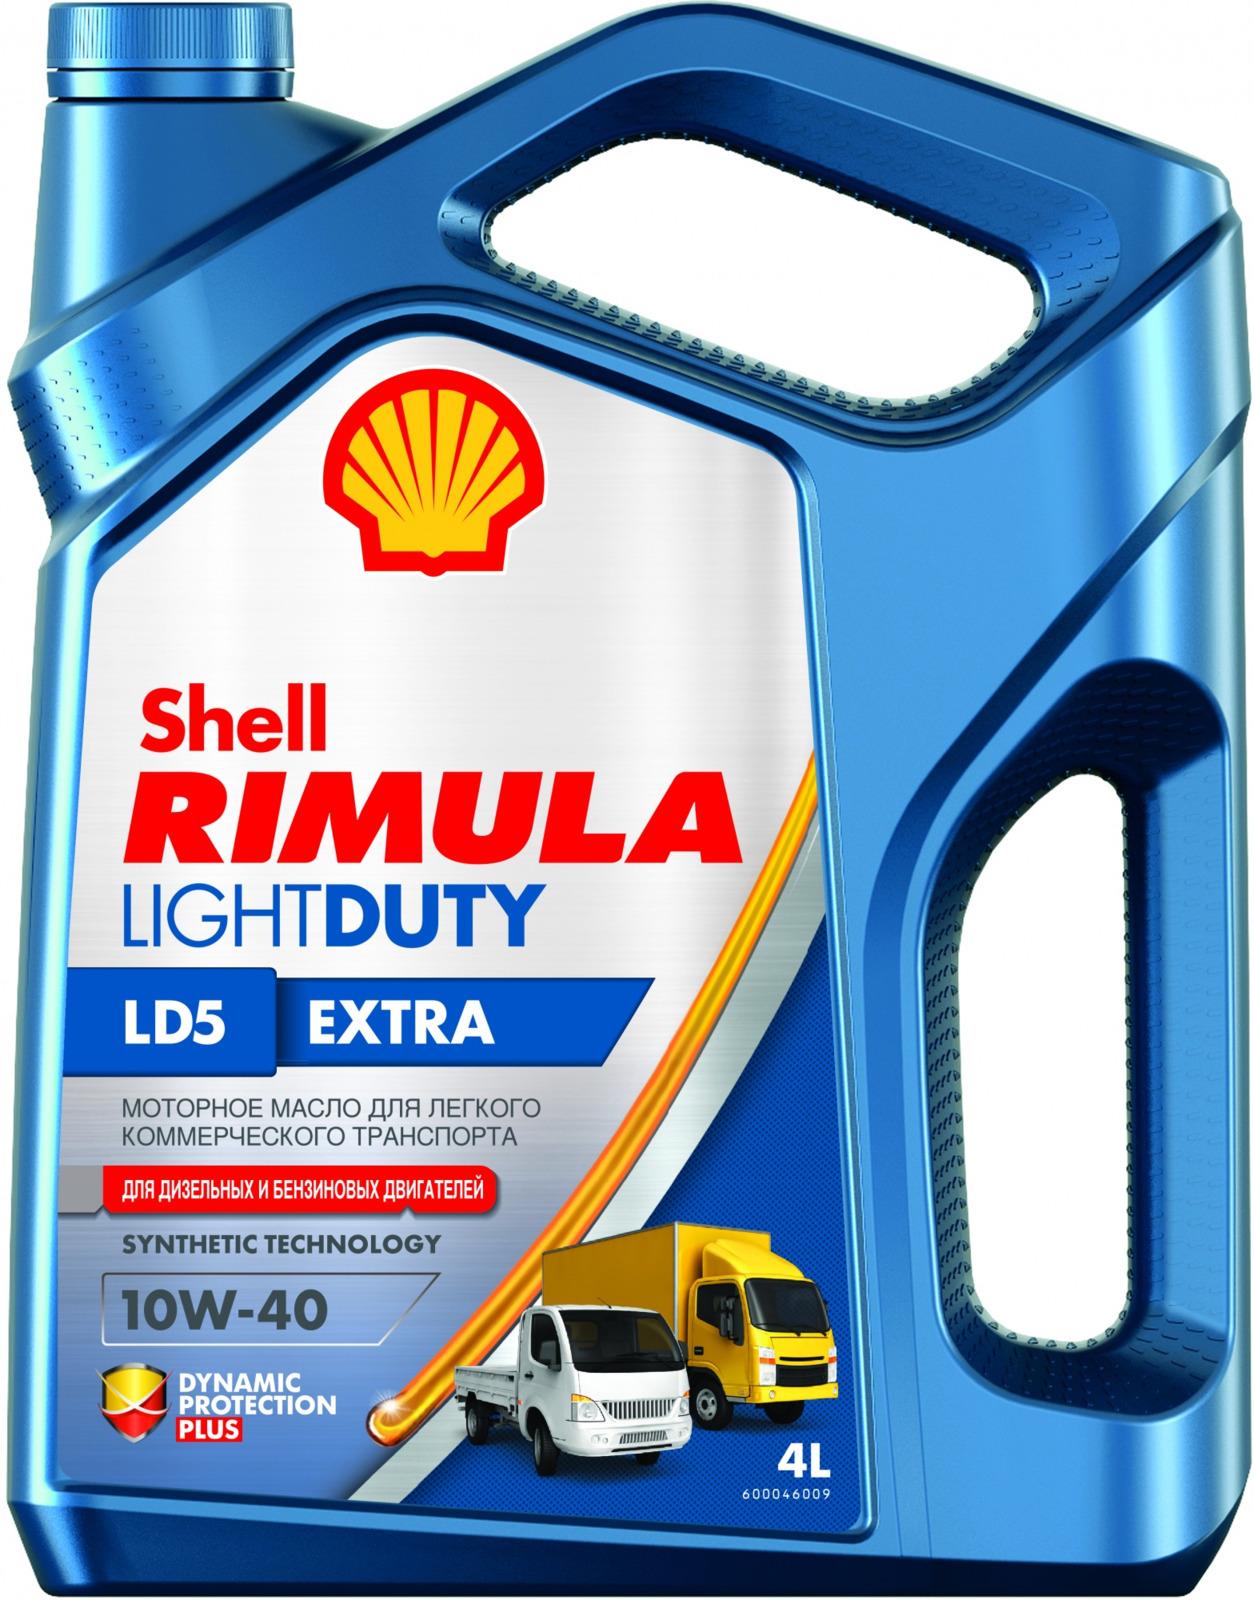 Моторное масло Shell Rimula Light Duty LD5 Extra, полусинтетическое, 10W-40, 4 л моторное масло mannol diesel extra 10w 40 для дизельных двигателей 5 л полусинтетическое